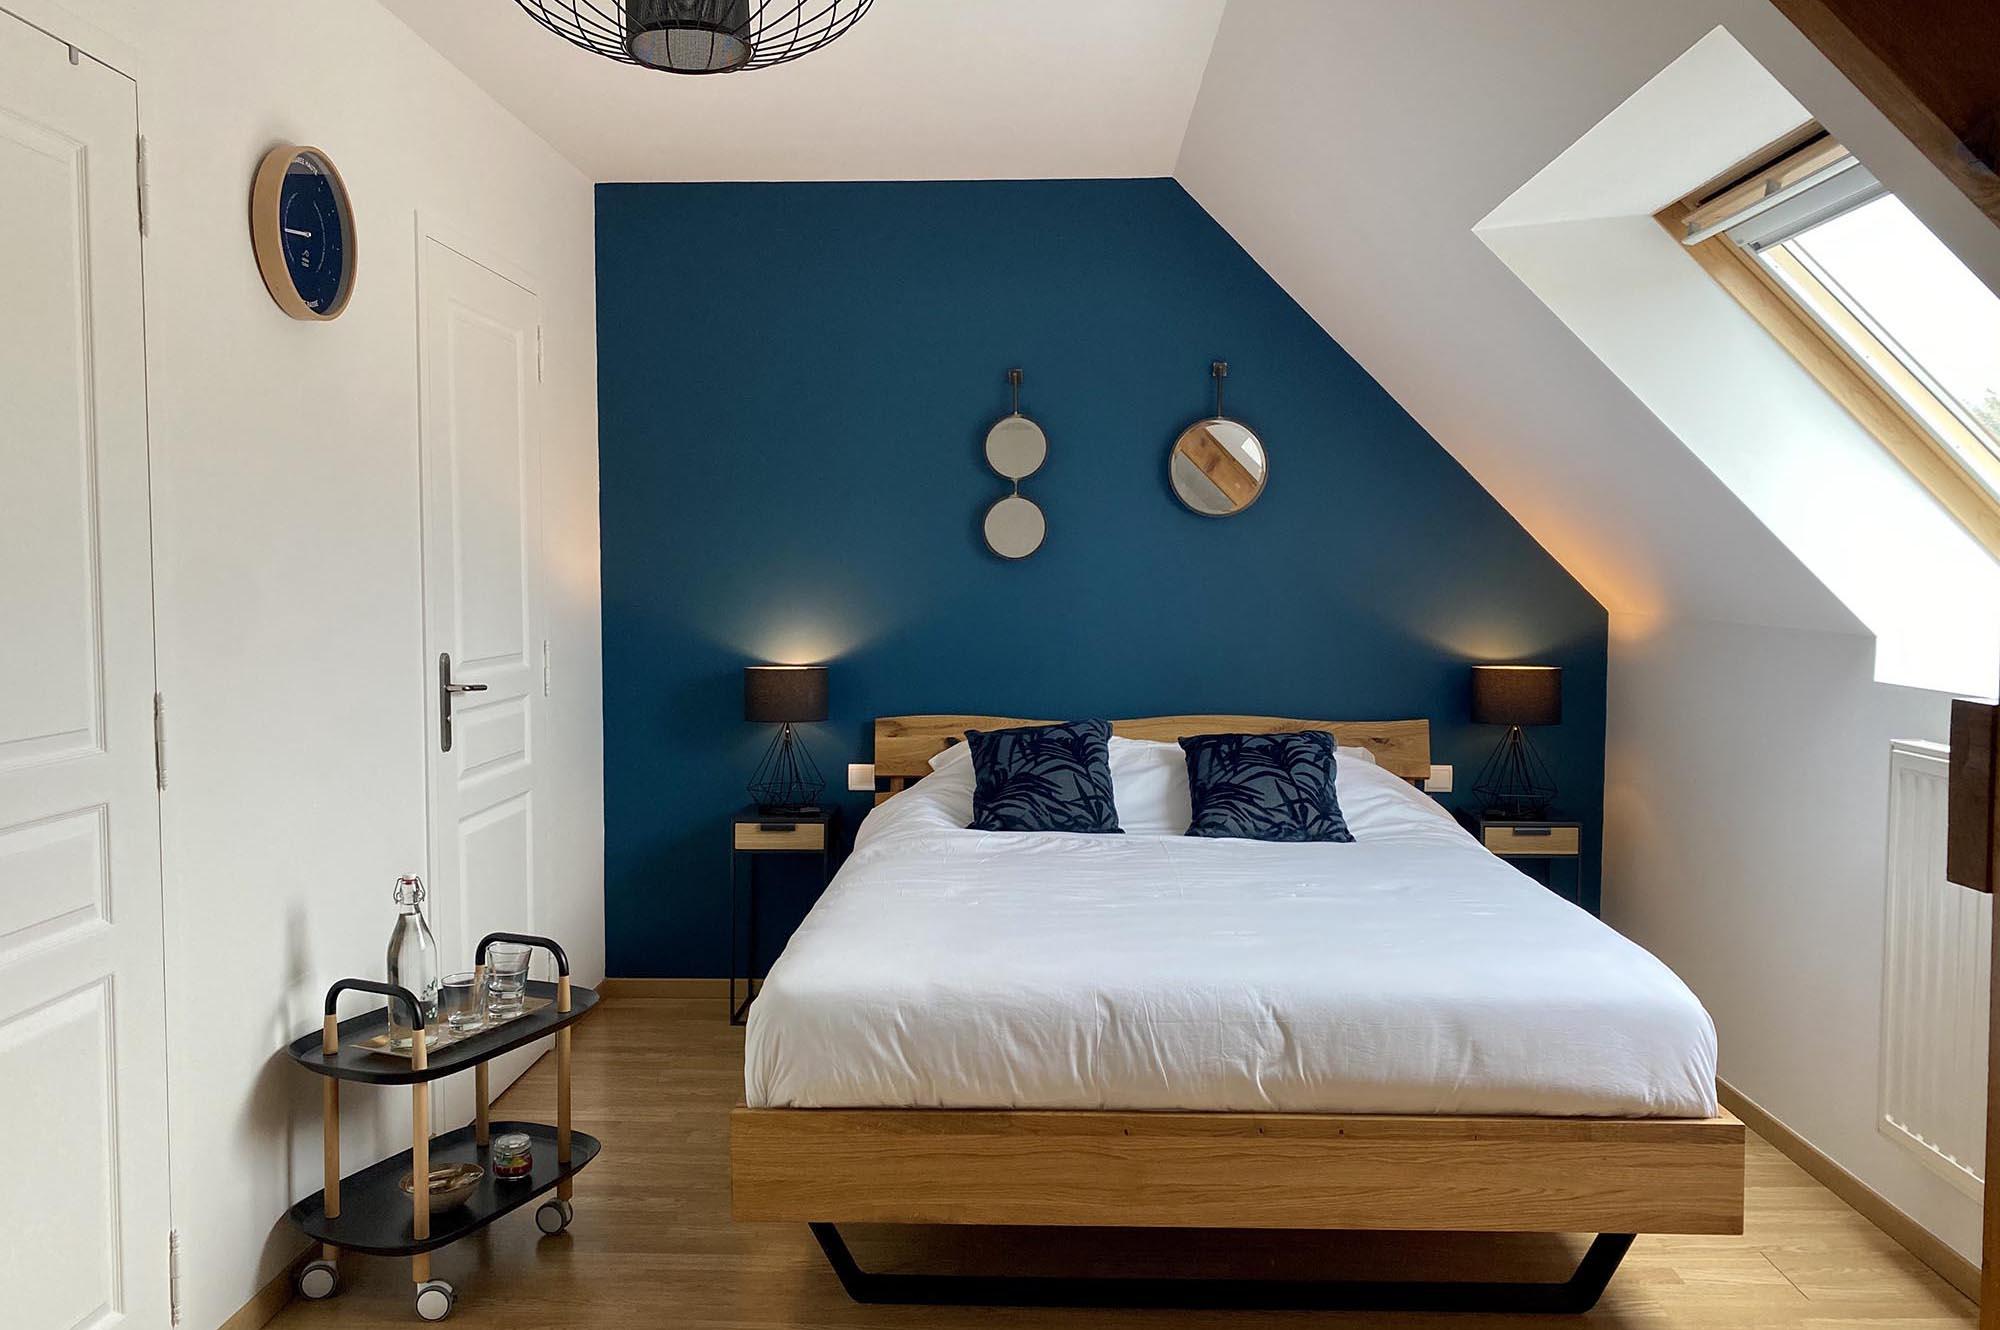 Chambre d'hôtes spacieuse Ambiance moderne pour 2 personnes